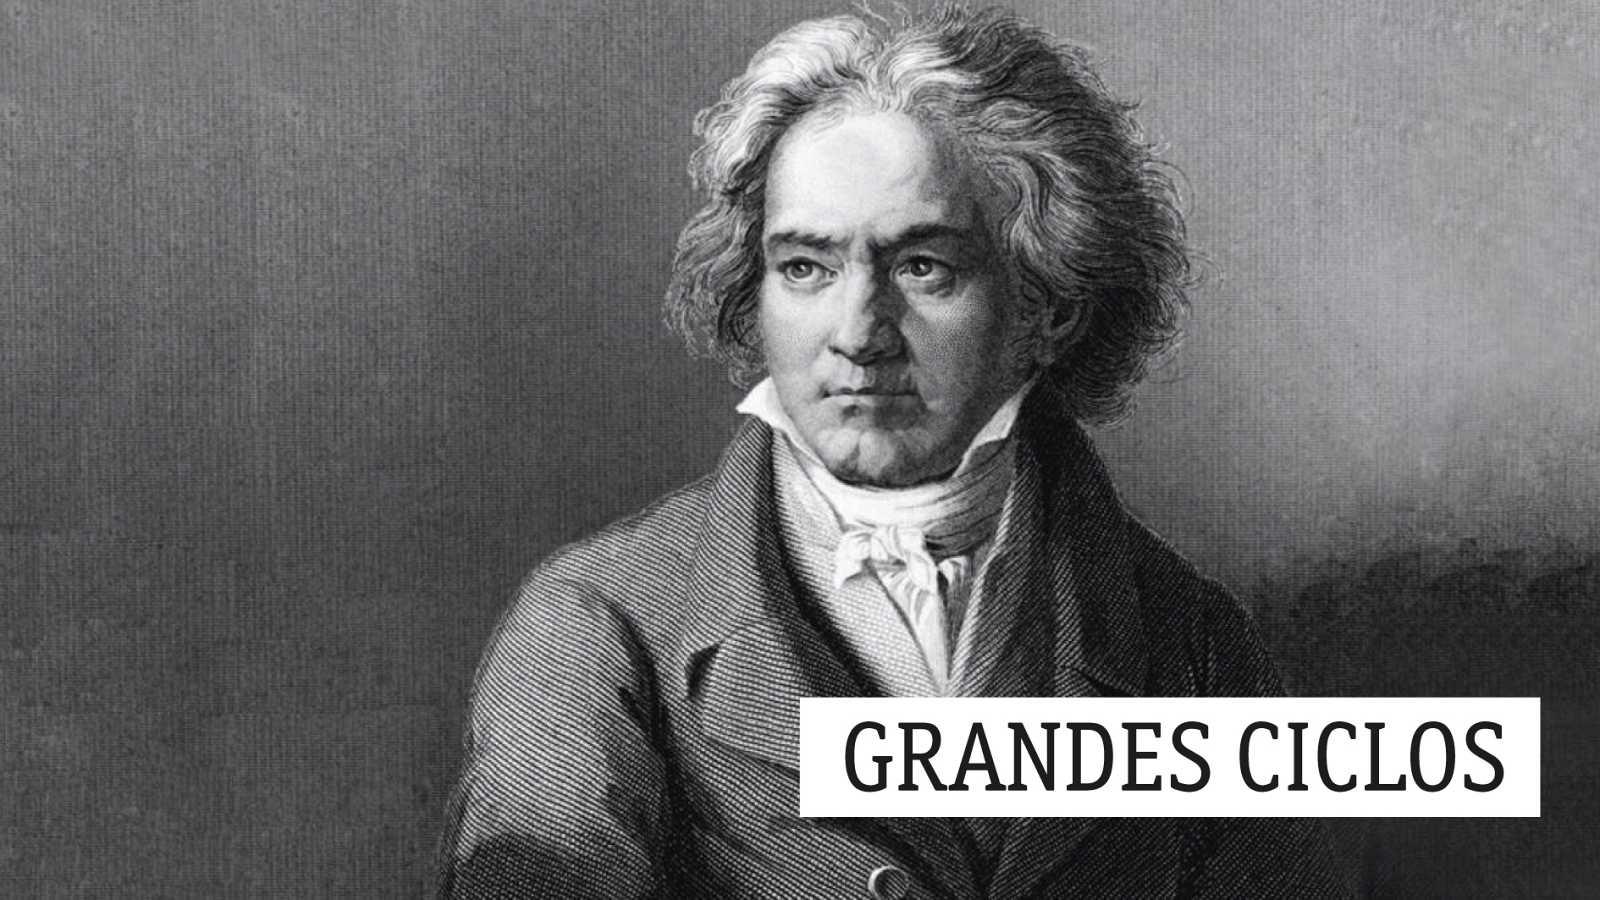 Grandes ciclos - L. van Beethoven (CI): Una subestimación - 08/10/20 - escuchar ahora